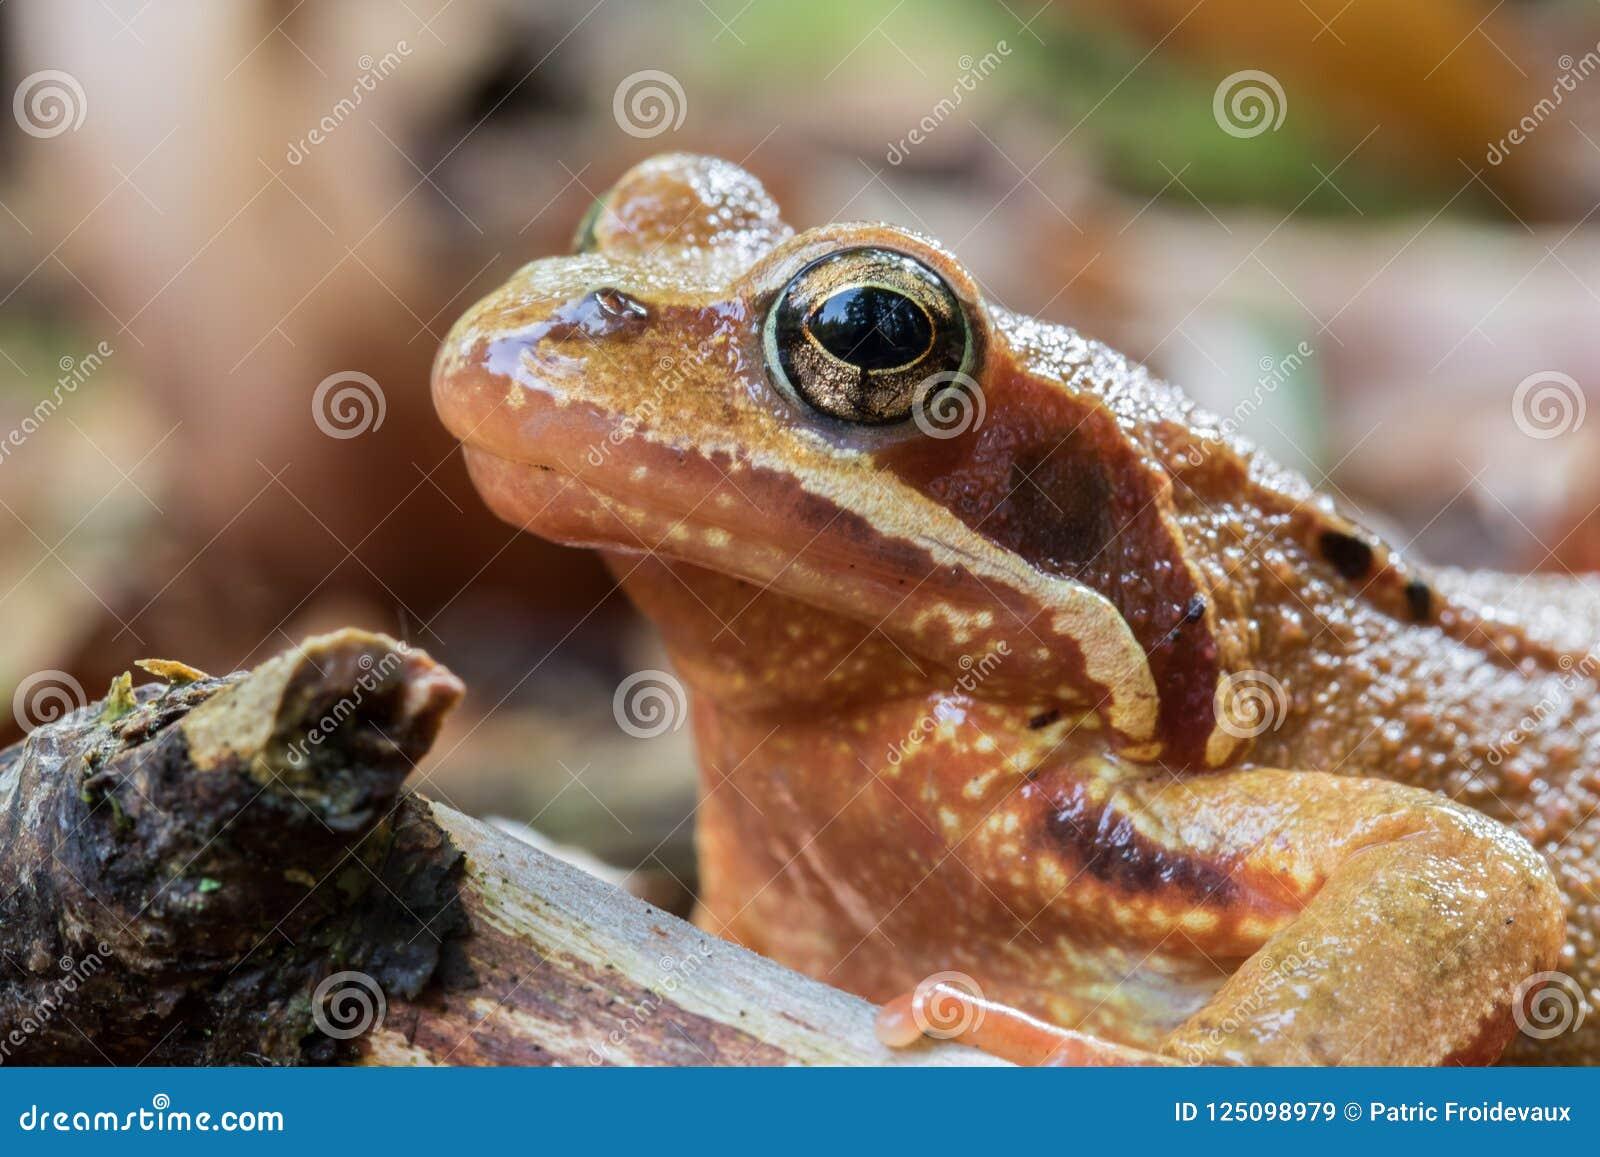 Zbliżenie obrotna żaba kierownicza tylko - rana dalmatina -